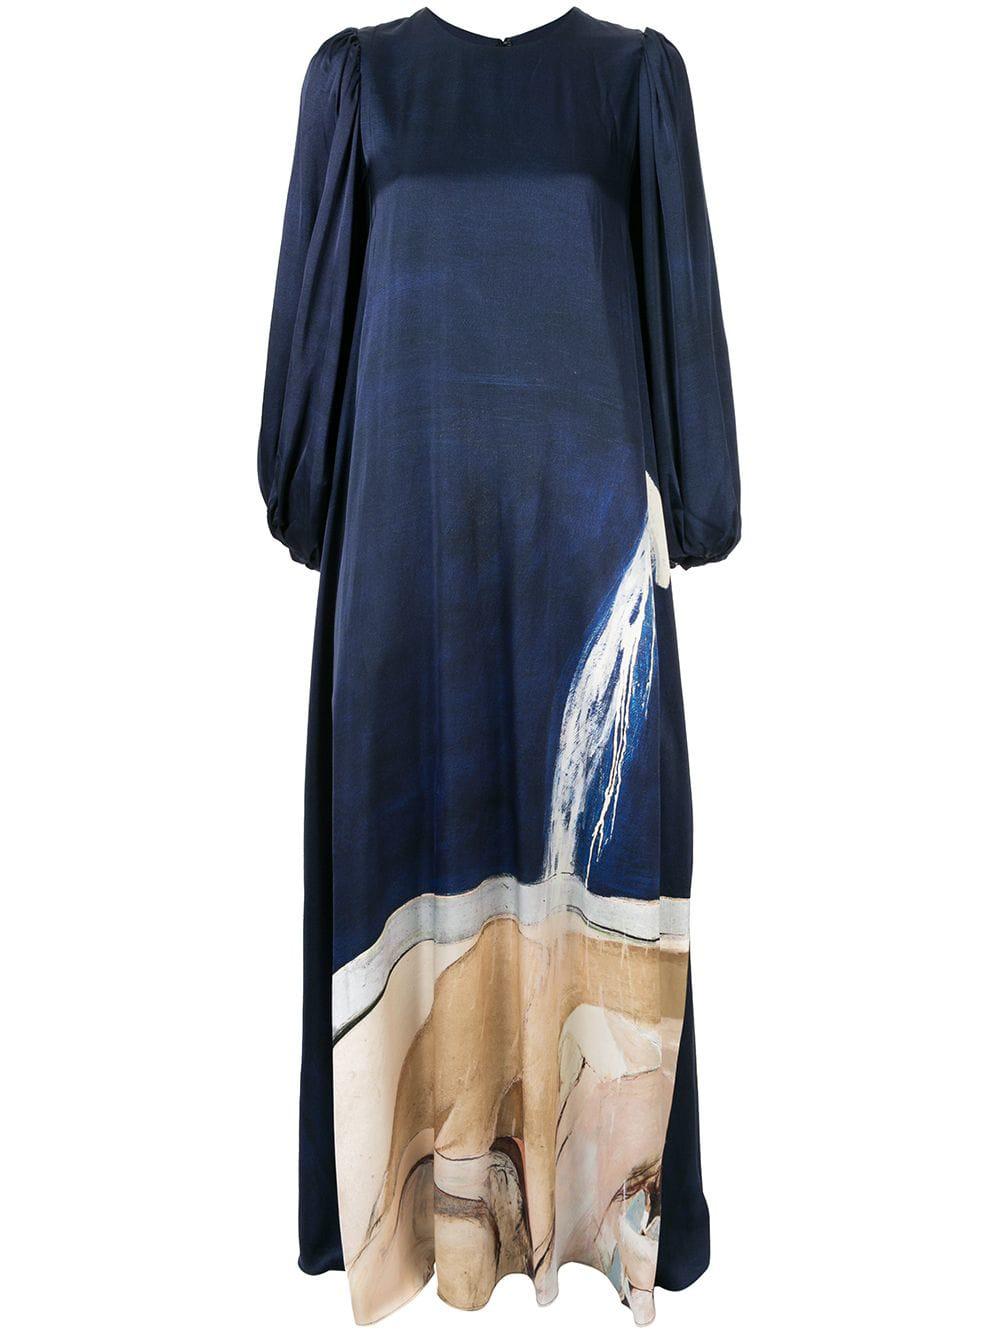 Aje 'Somerset' Abendkleid - Blau In Blue